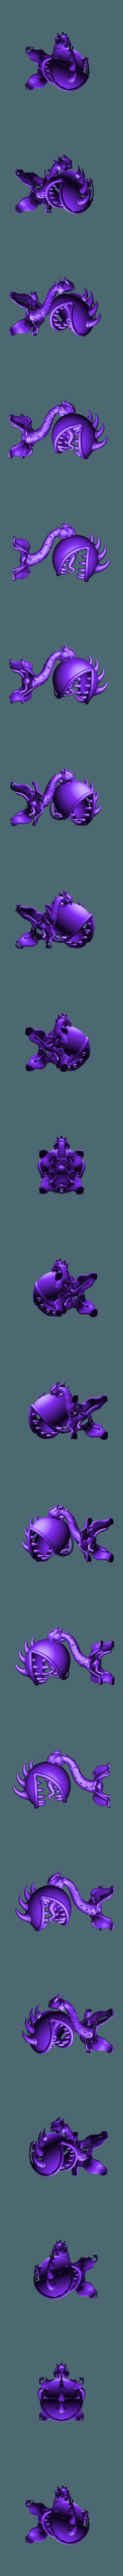 chomper.stl Télécharger fichier STL gratuit Chomper (Plantes Vs Zombies) • Plan pour impression 3D, ChaosCoreTech